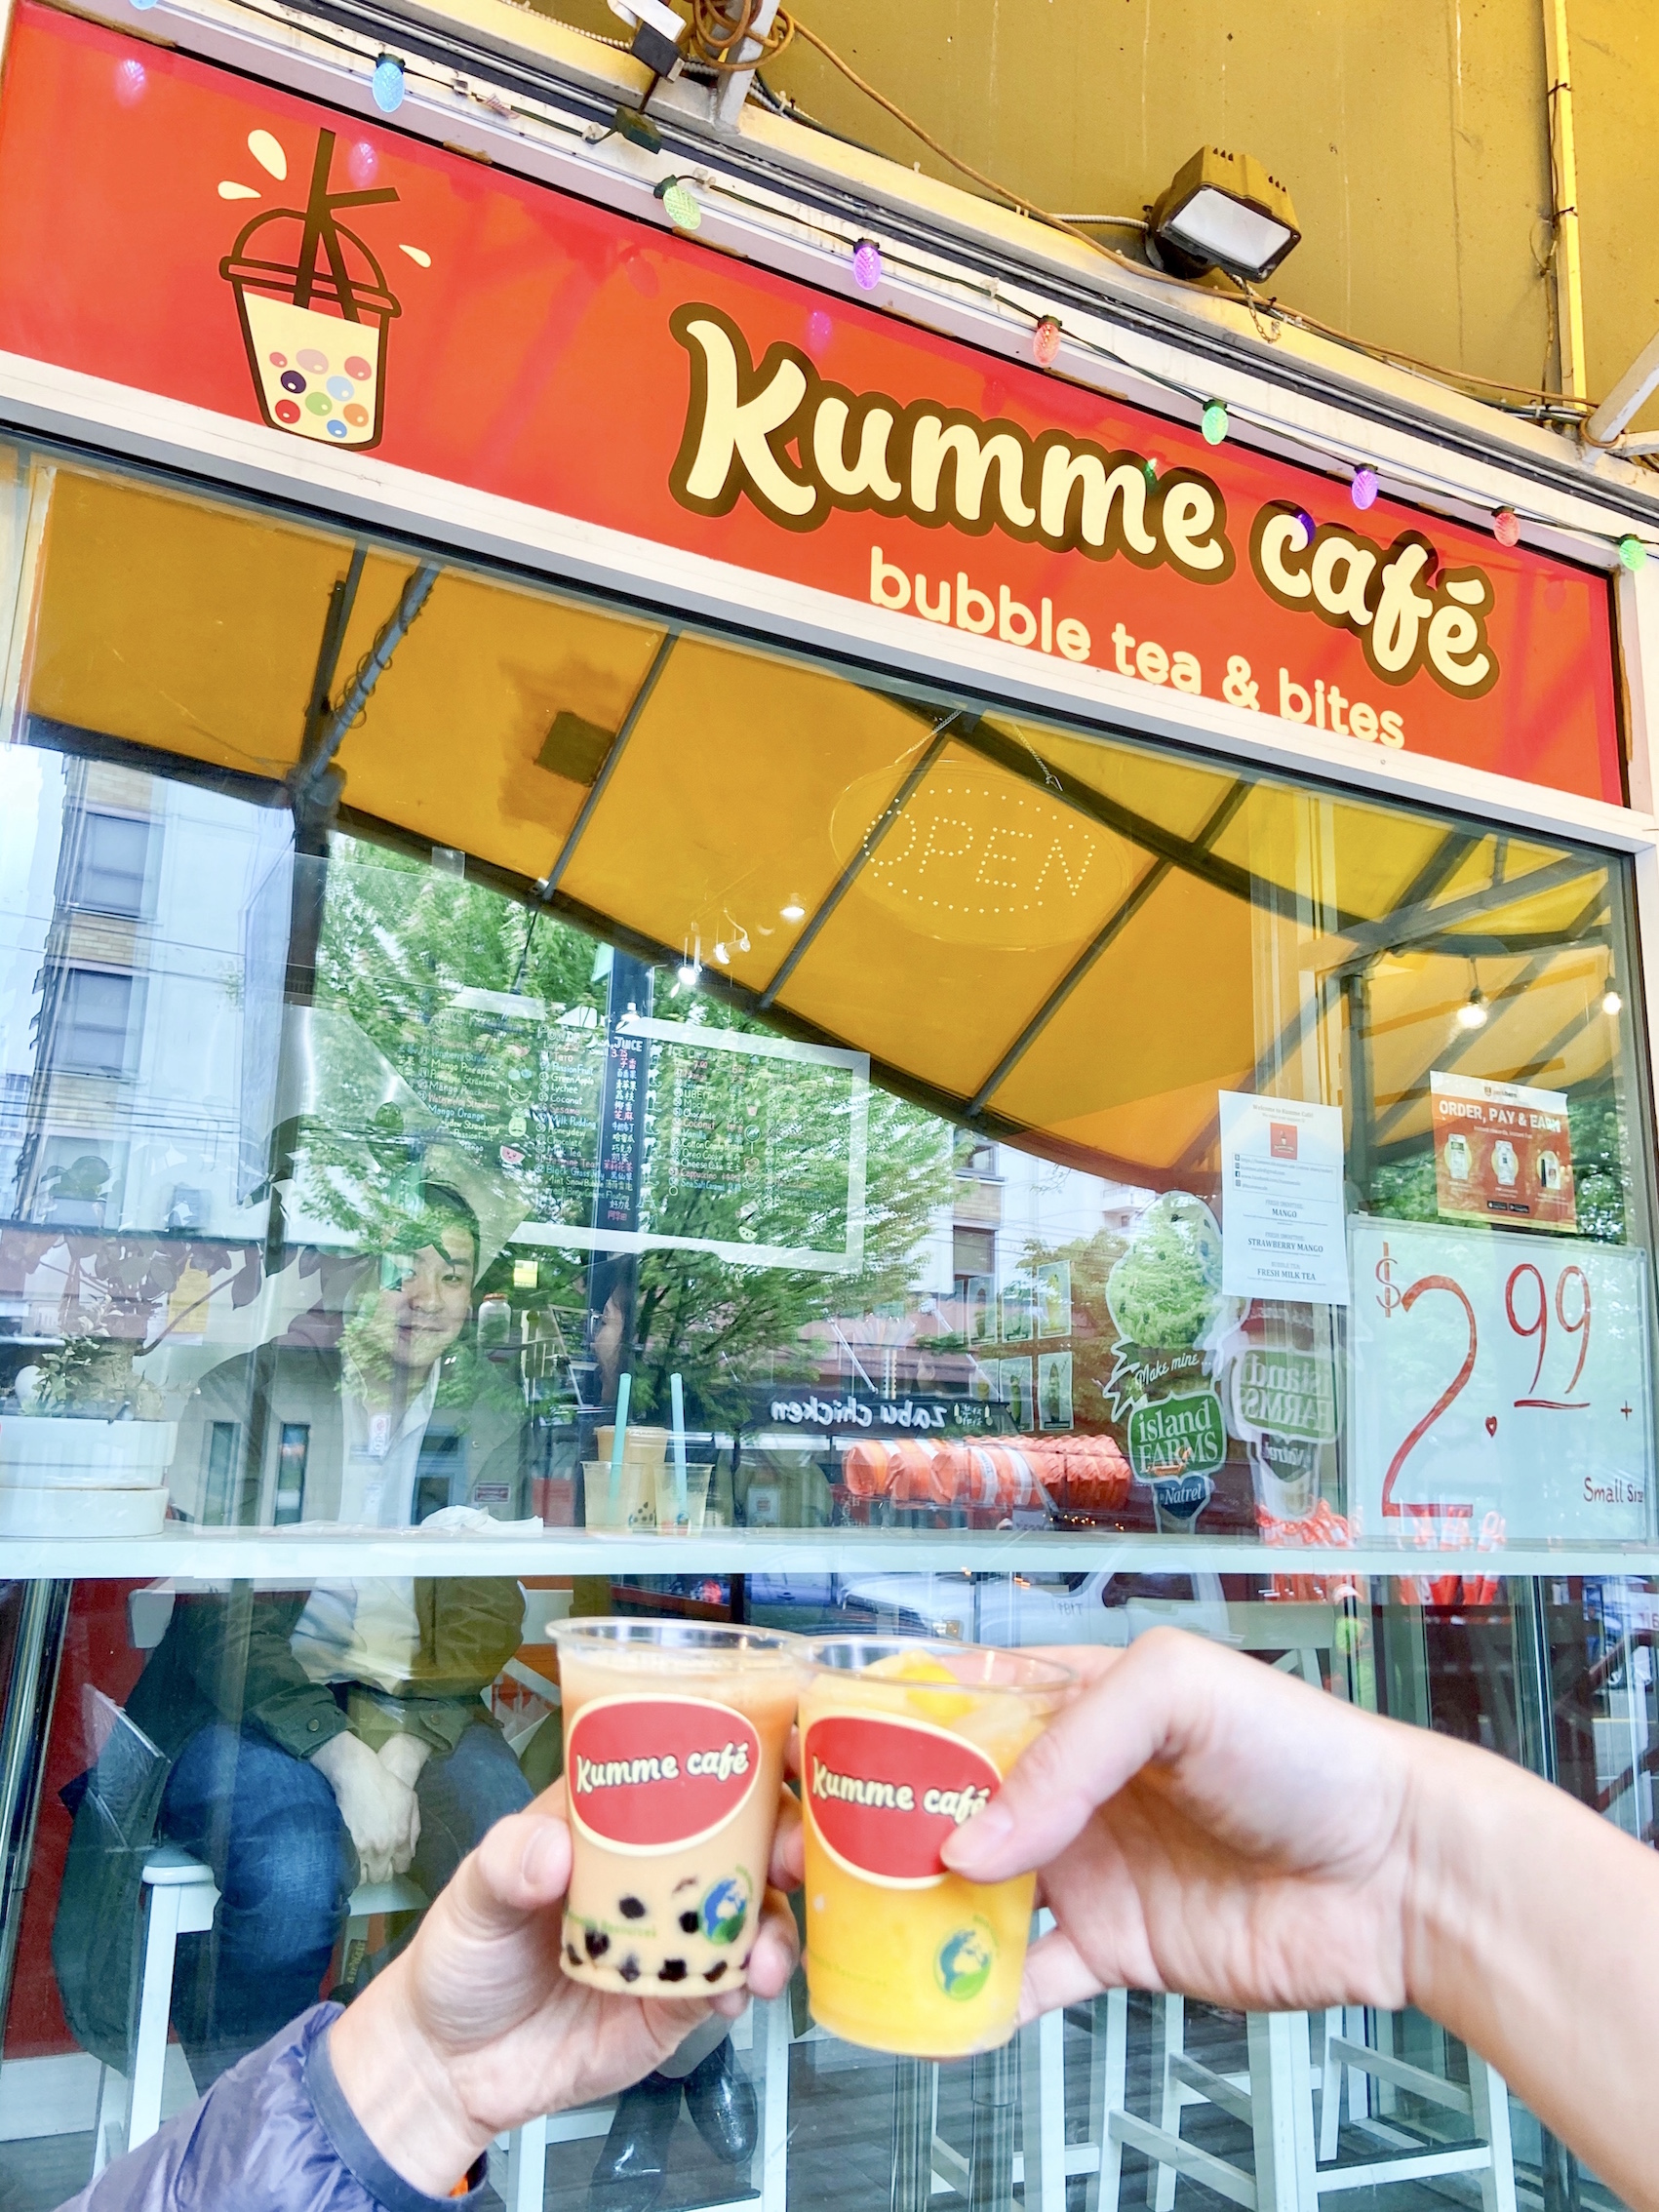 Kumme Cafe